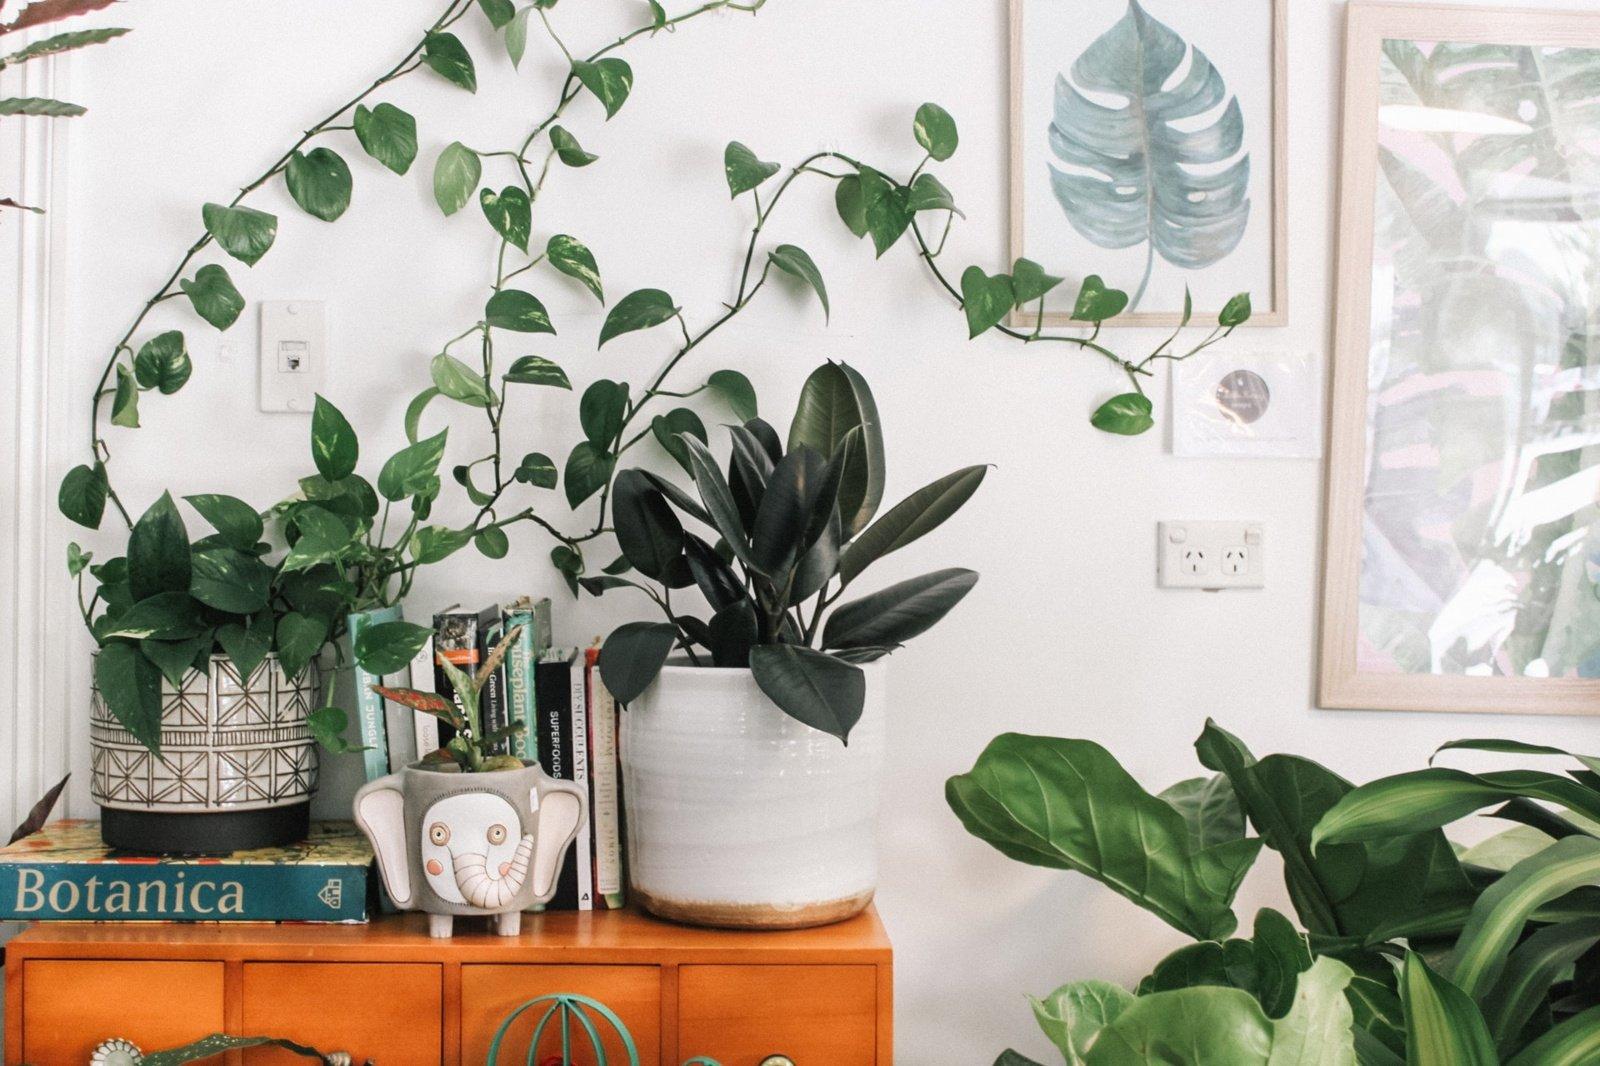 Žalioji oazė namuose – kaip išsirinkti kambarinius augalus ir juos prižiūrėti?